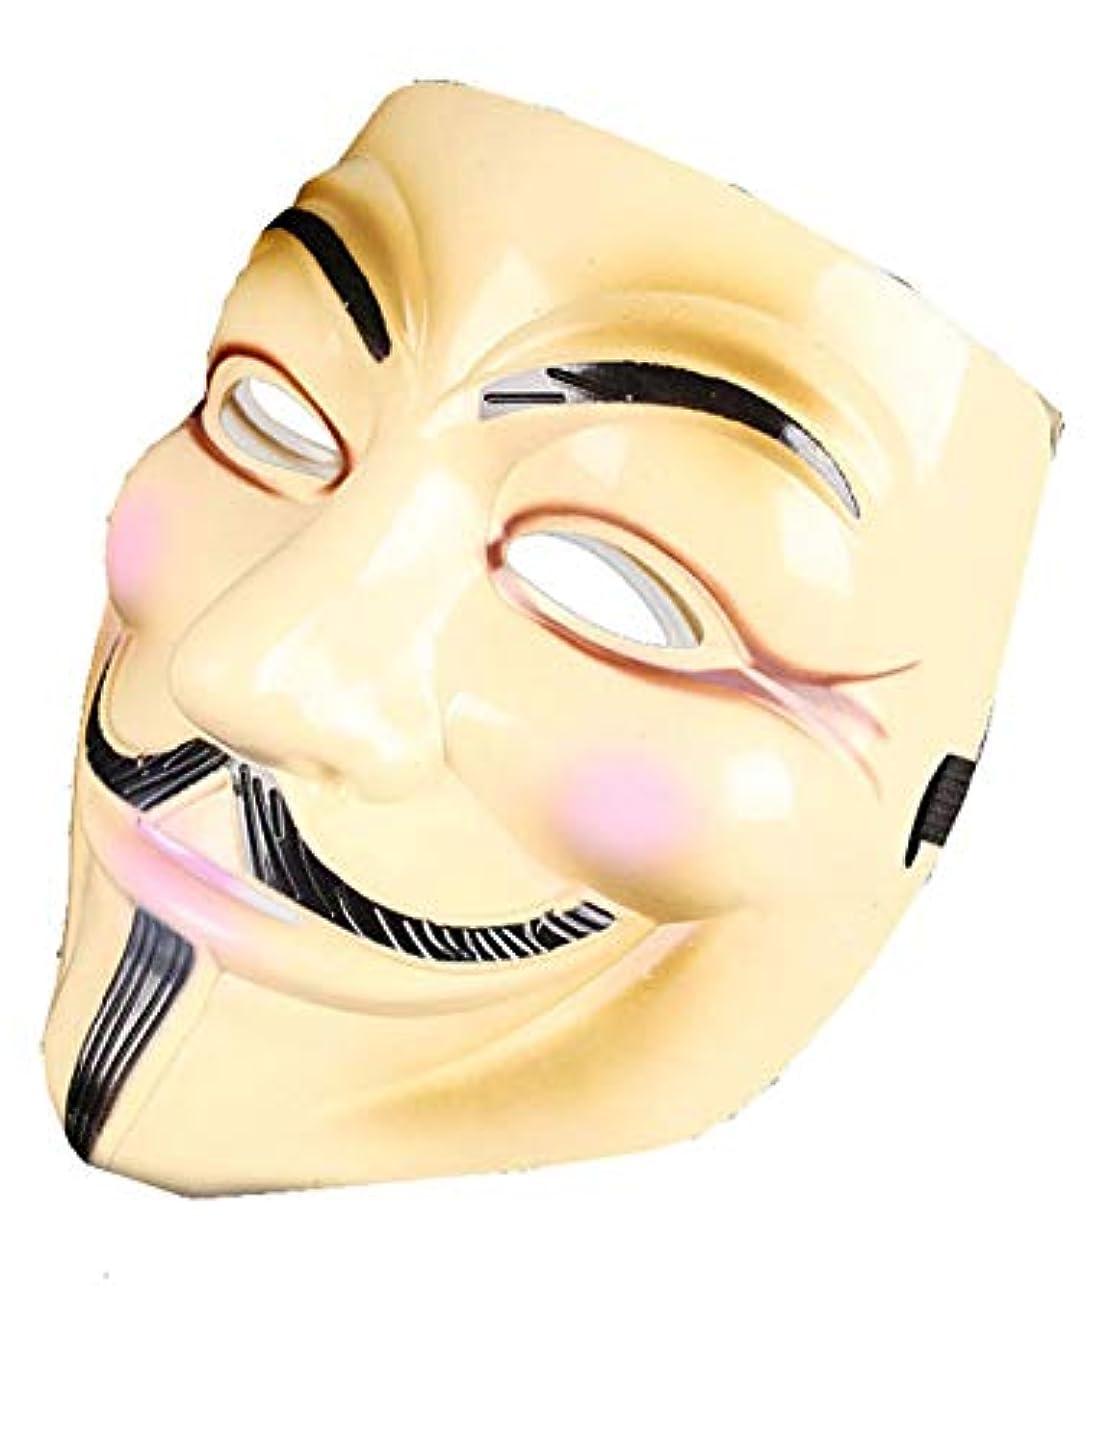 困難日常的に会話型ハロウィーンマスクホラーコスチュームパーティーコスプレの小道具、VendettaのV (Color : BRASS)